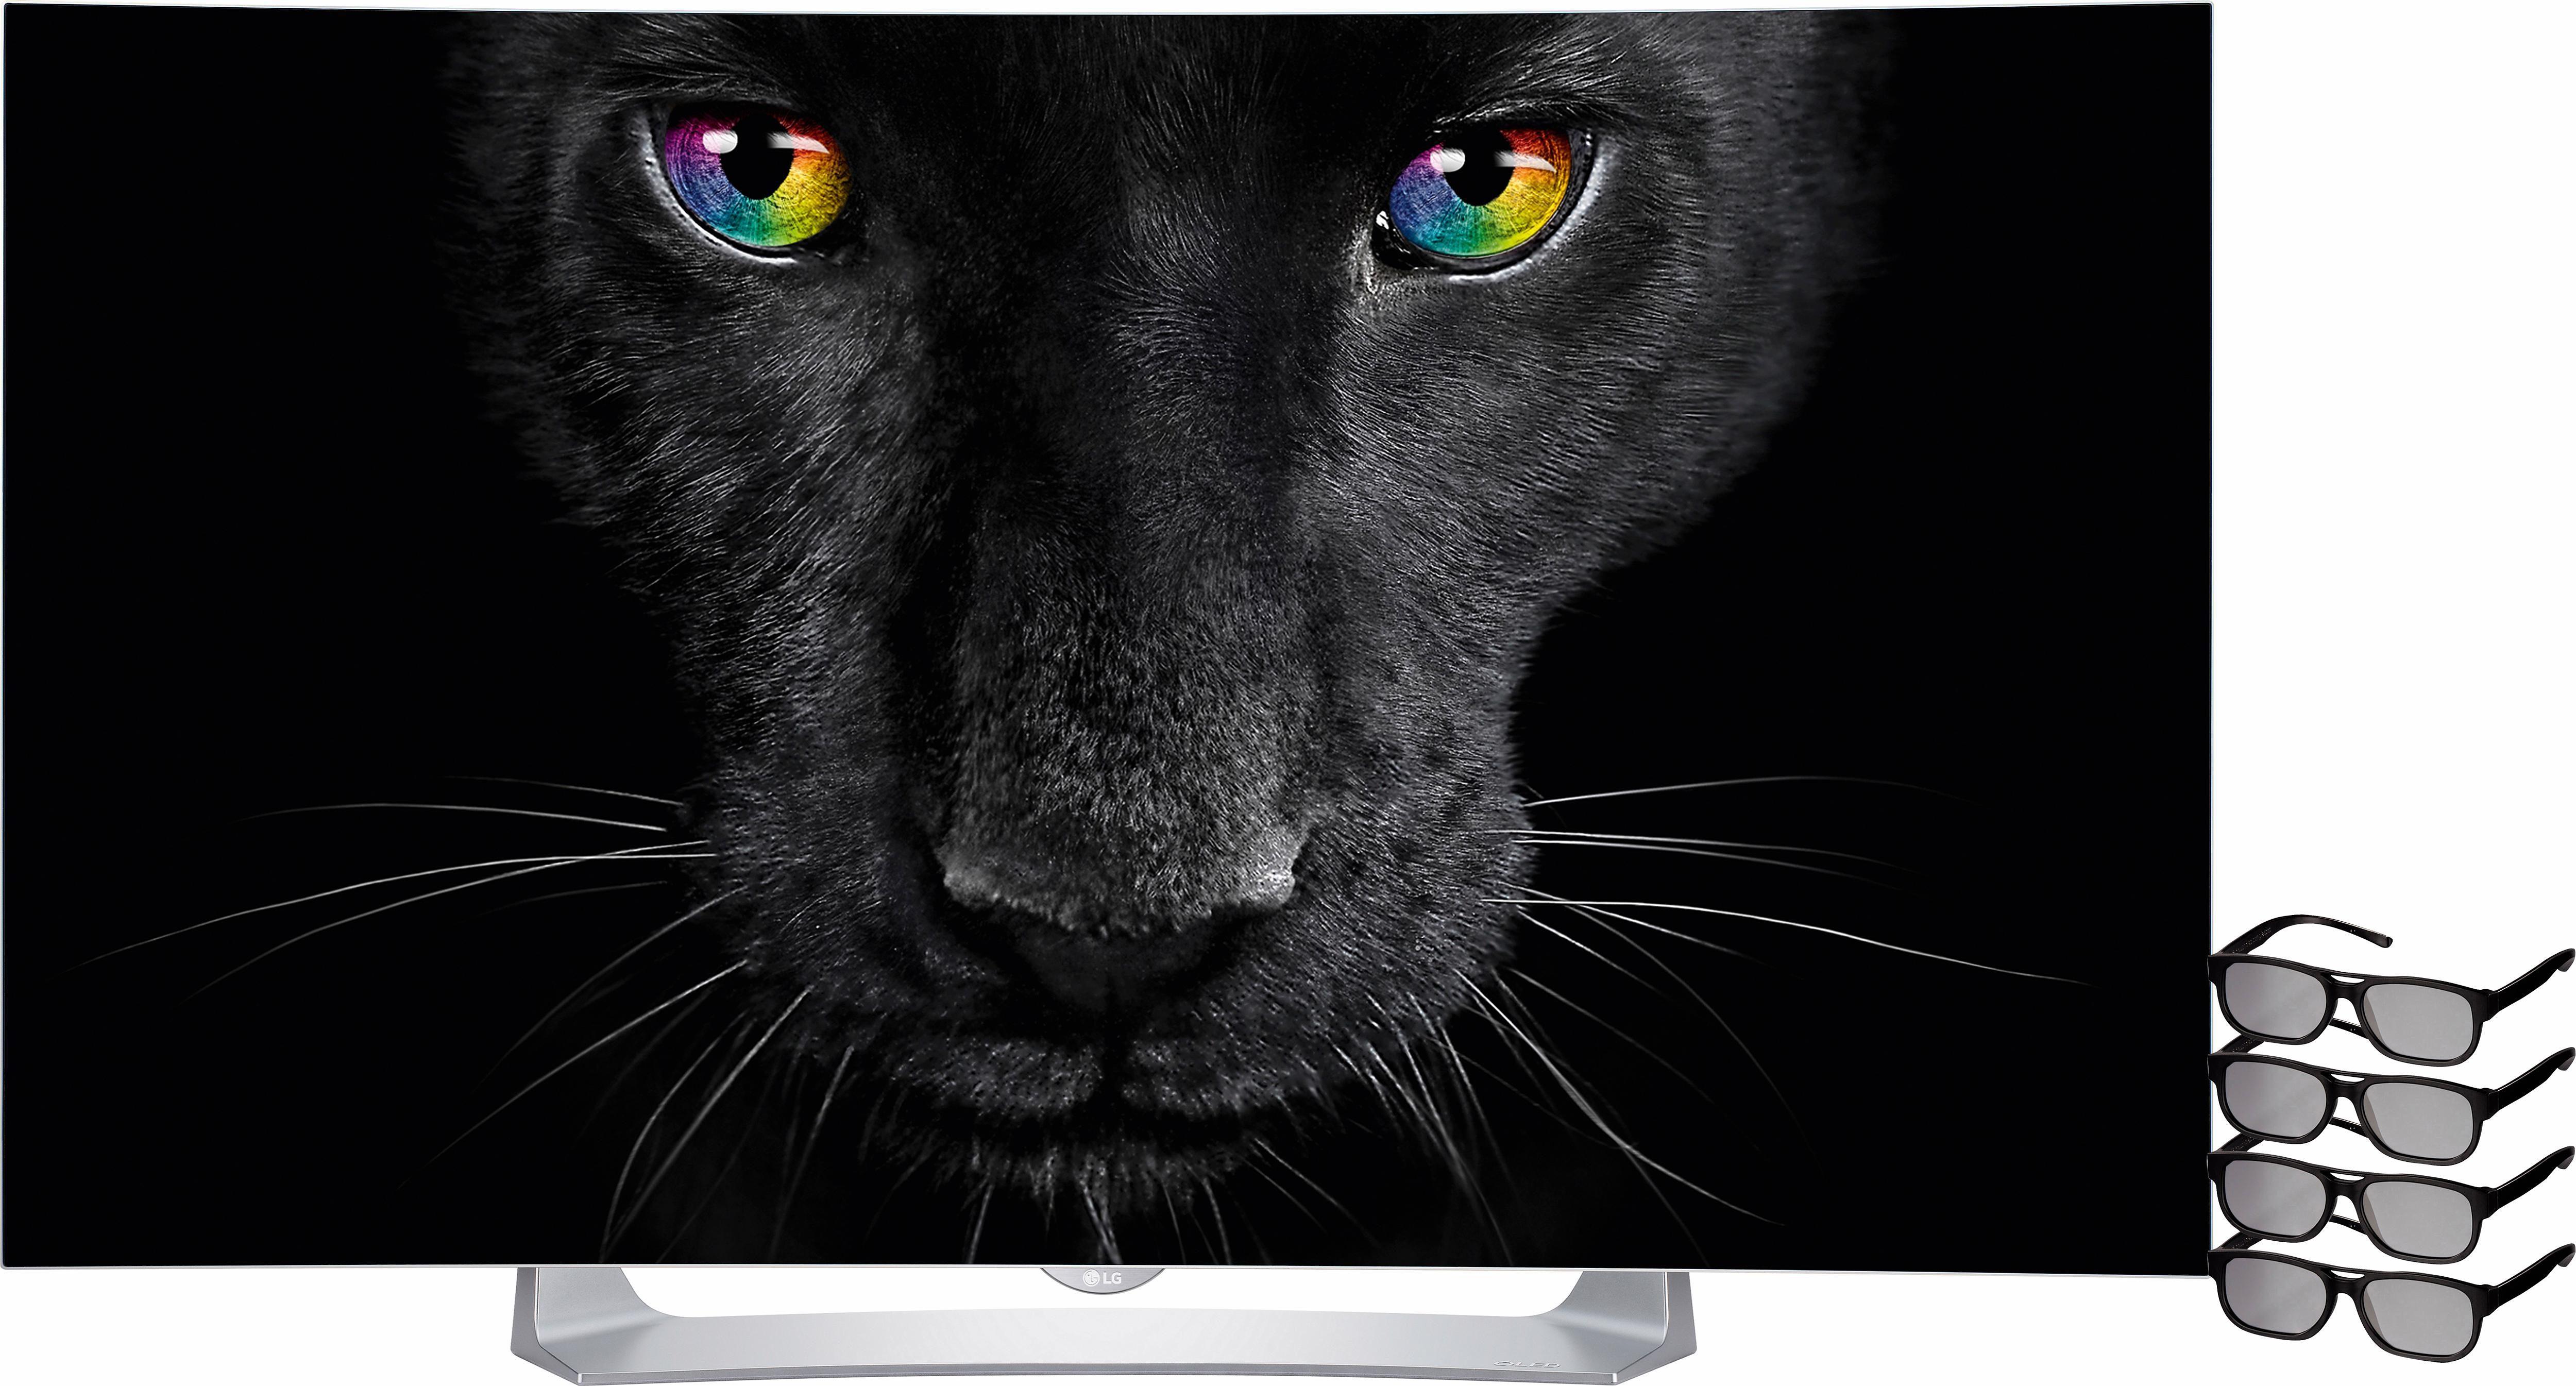 LG 55EG9109, Curved-OLED-Fernseher, 139 cm (55 Zoll), 1080p (Full HD), Smart-TV